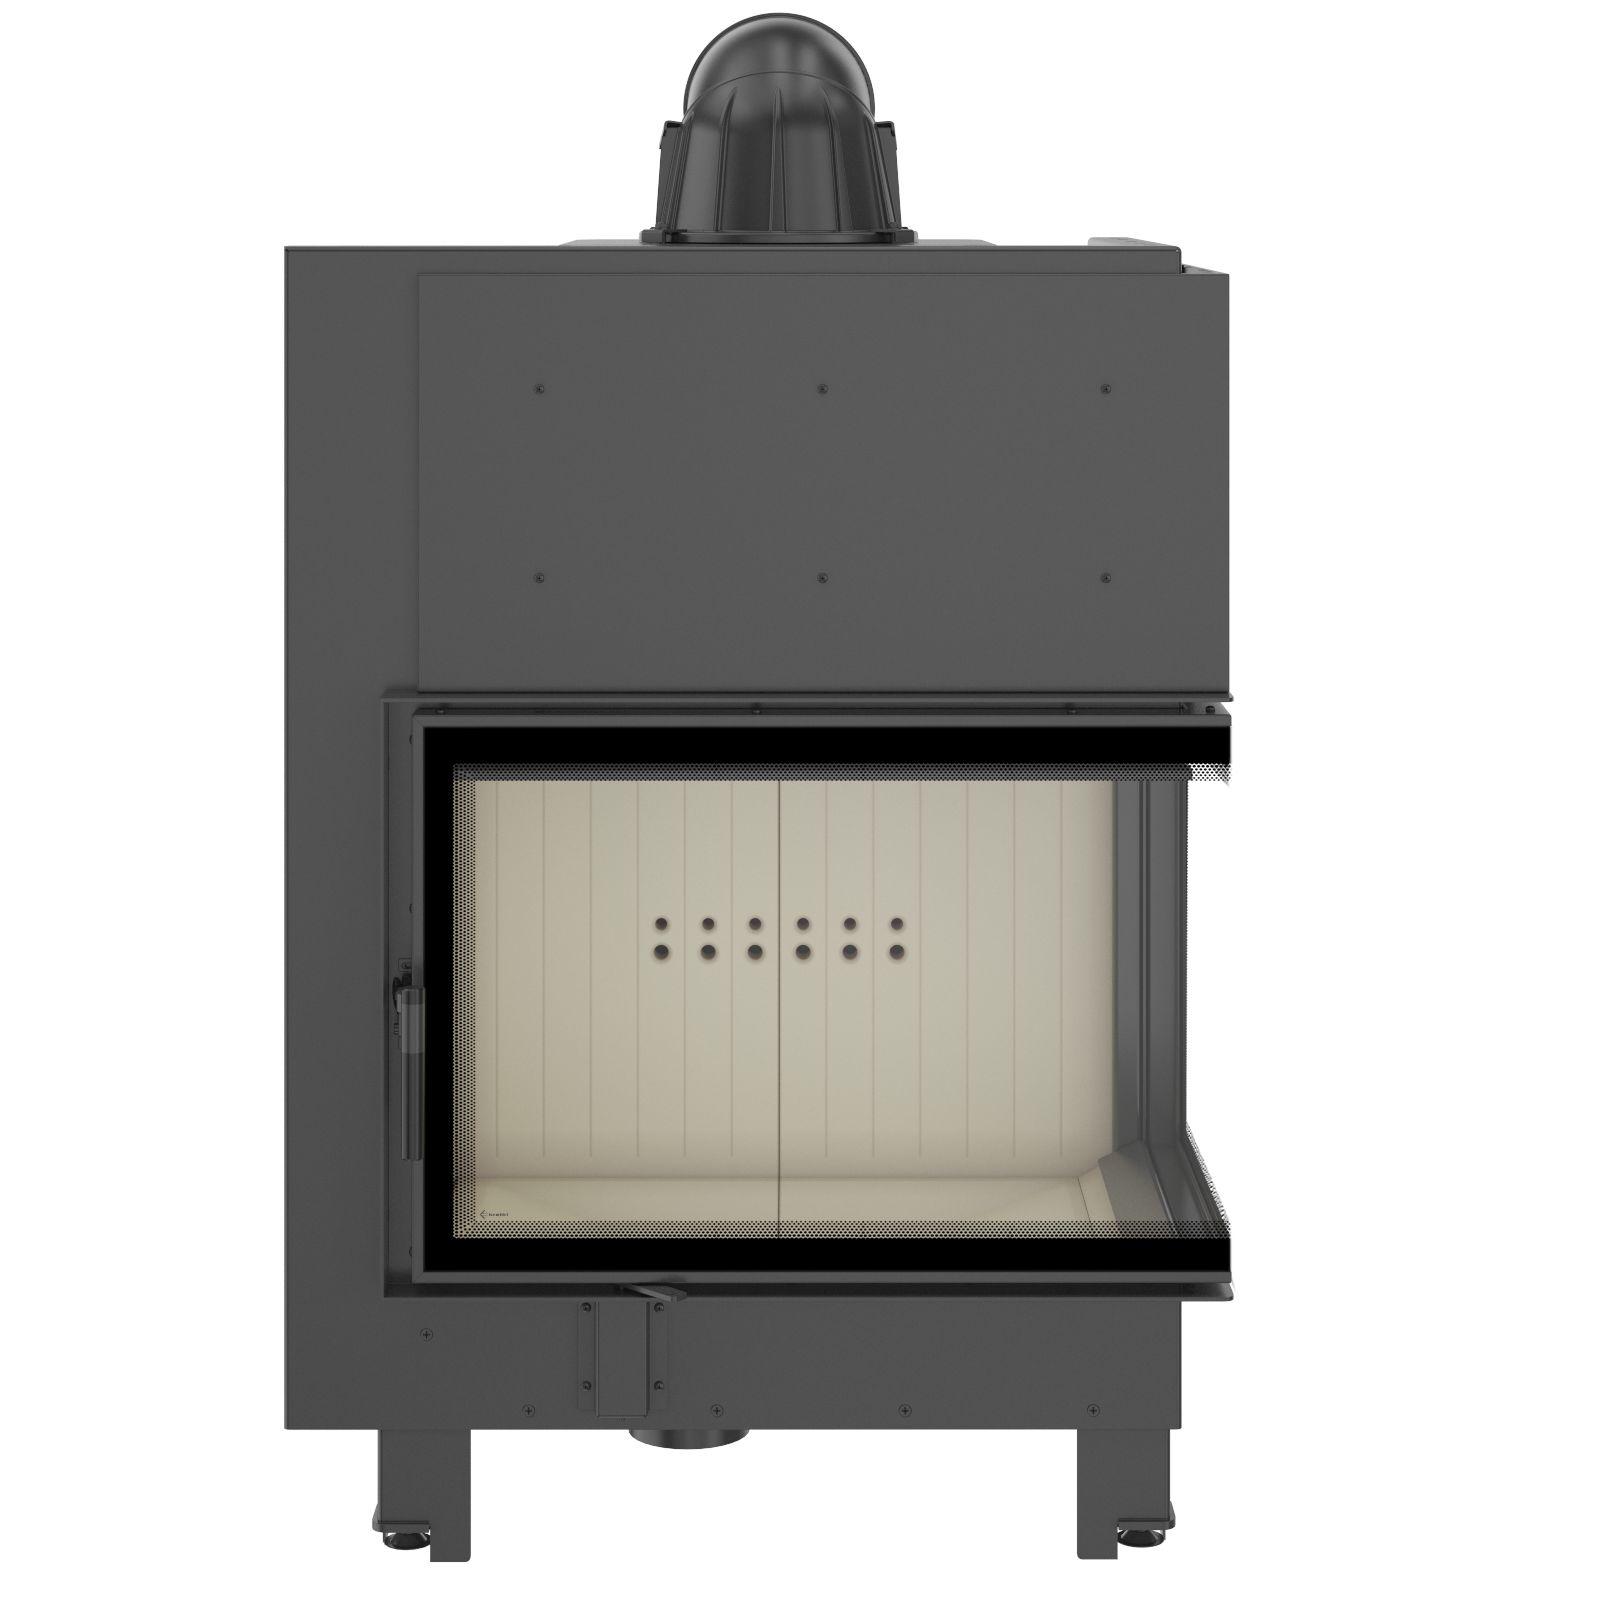 kamineinsatz kratki mba 17 kw rechte seitenscheibe. Black Bedroom Furniture Sets. Home Design Ideas